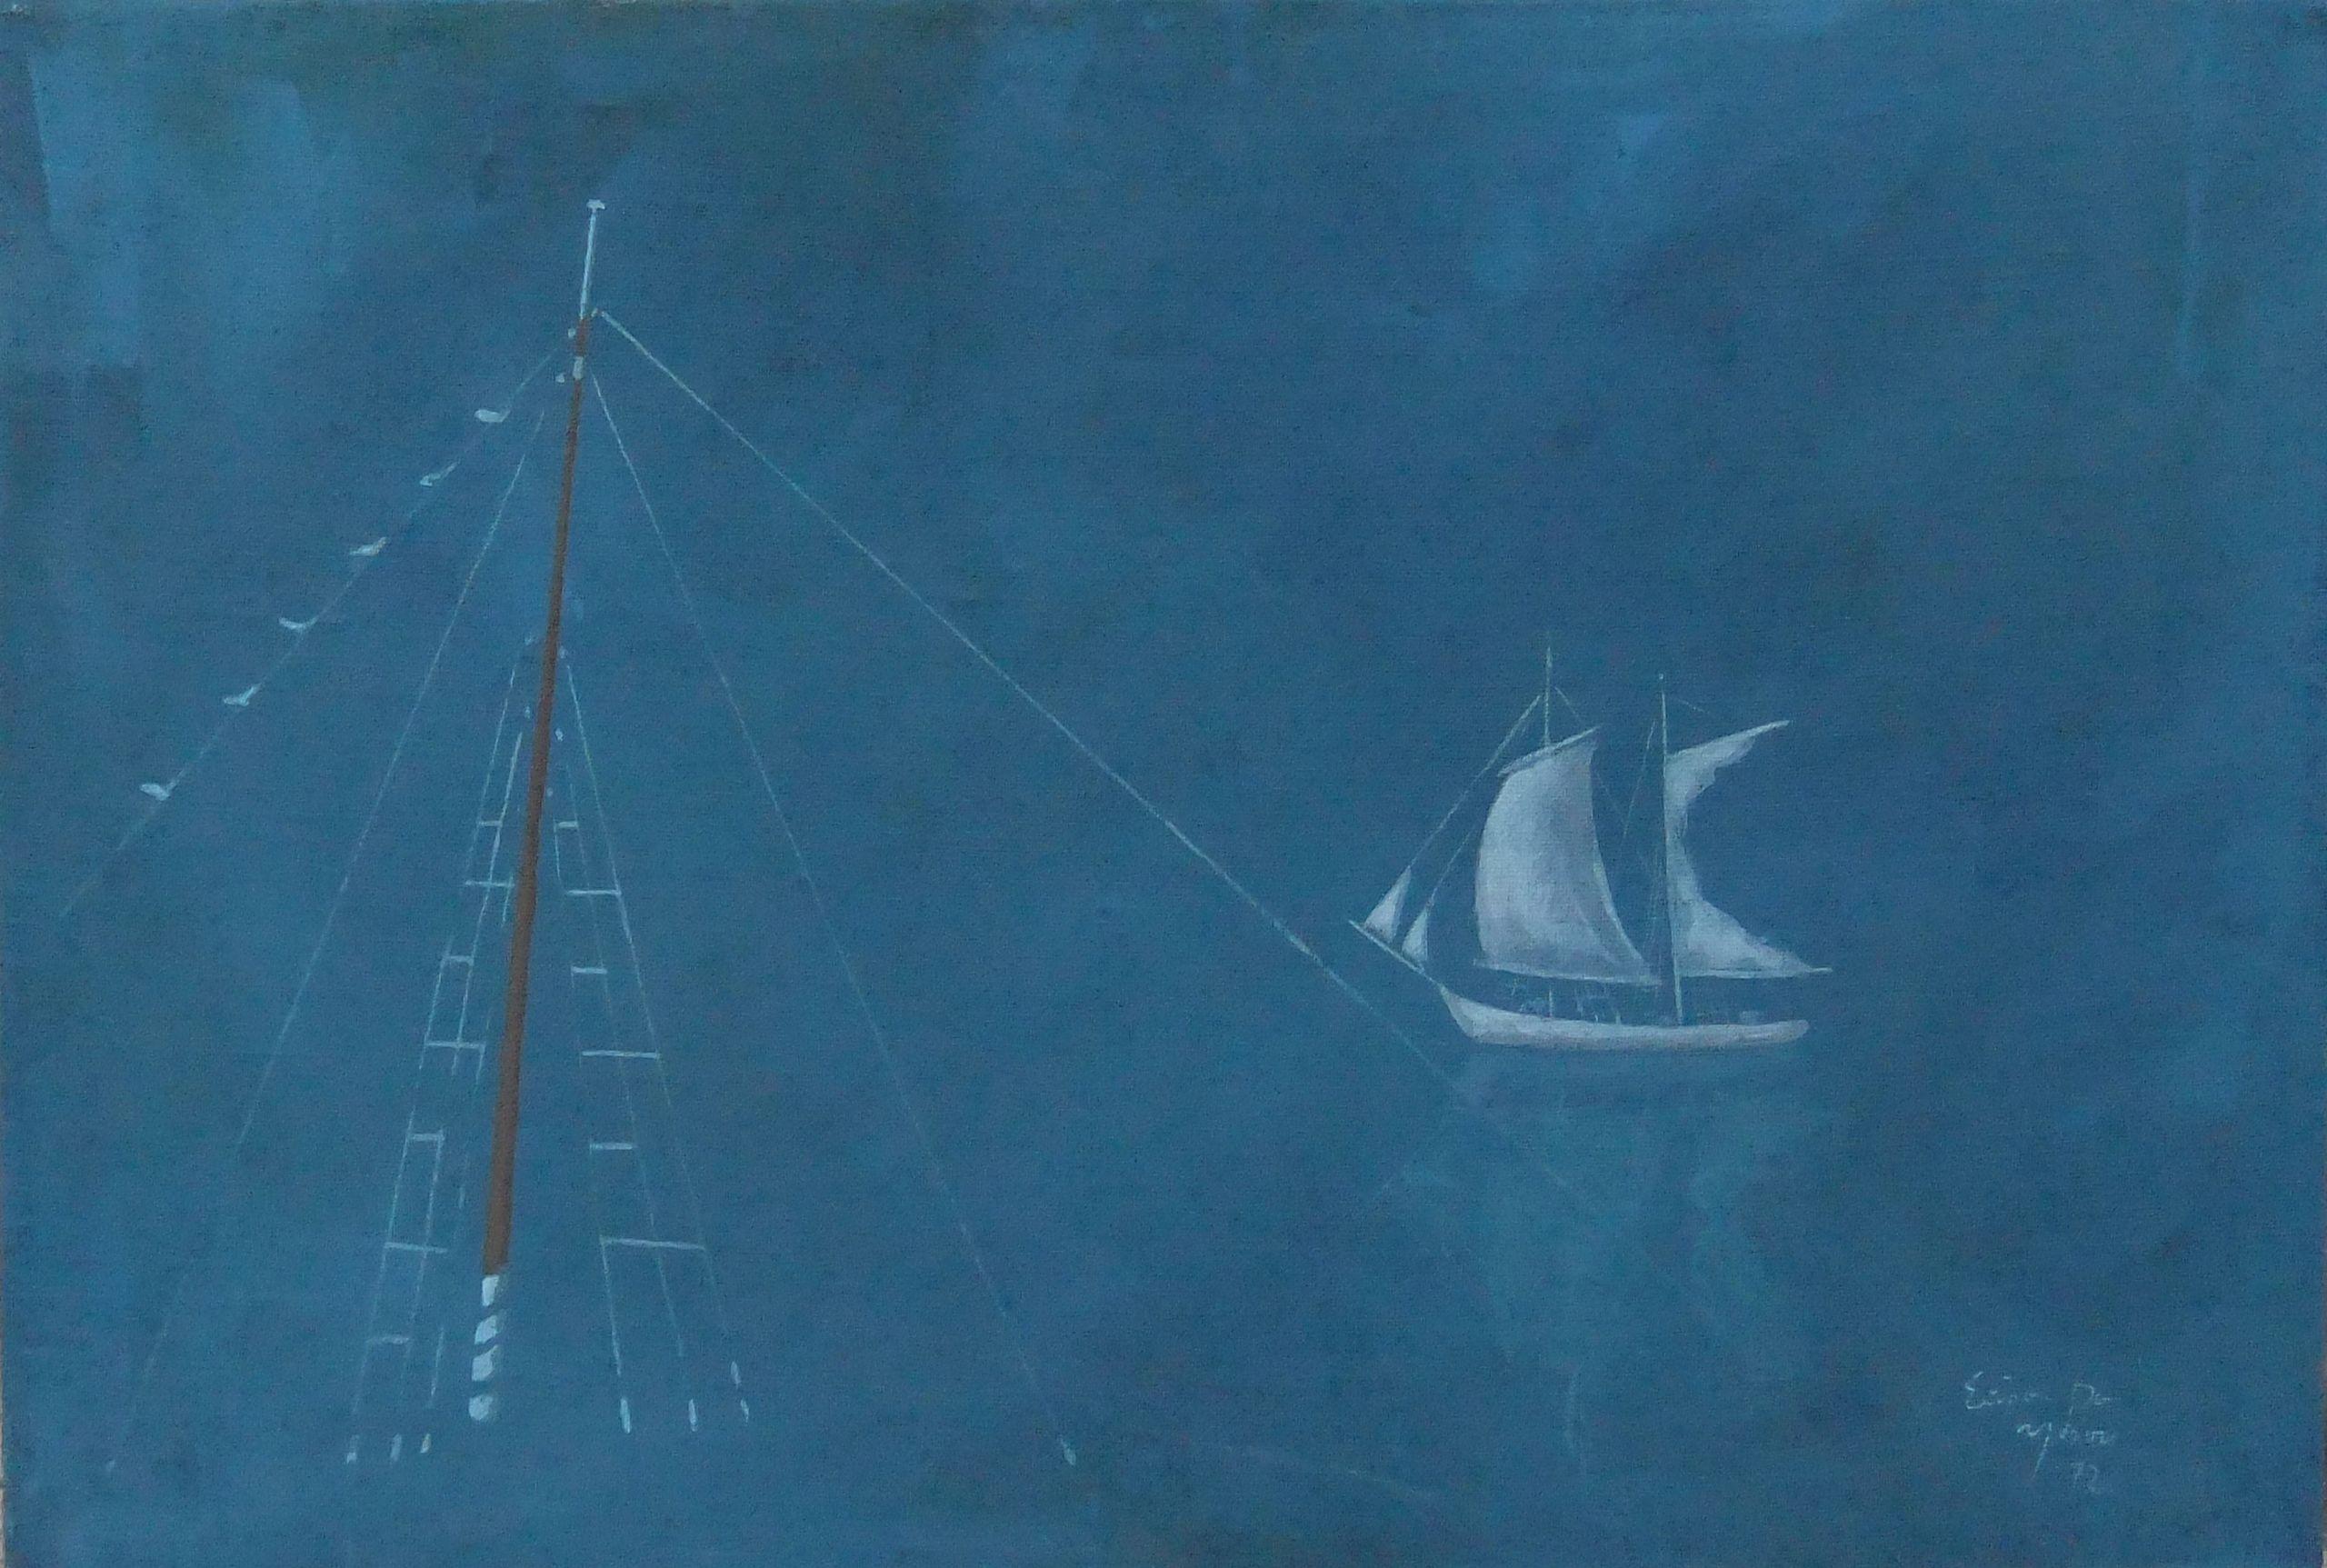 VASSILIOU Spyros (1902 - 1985)